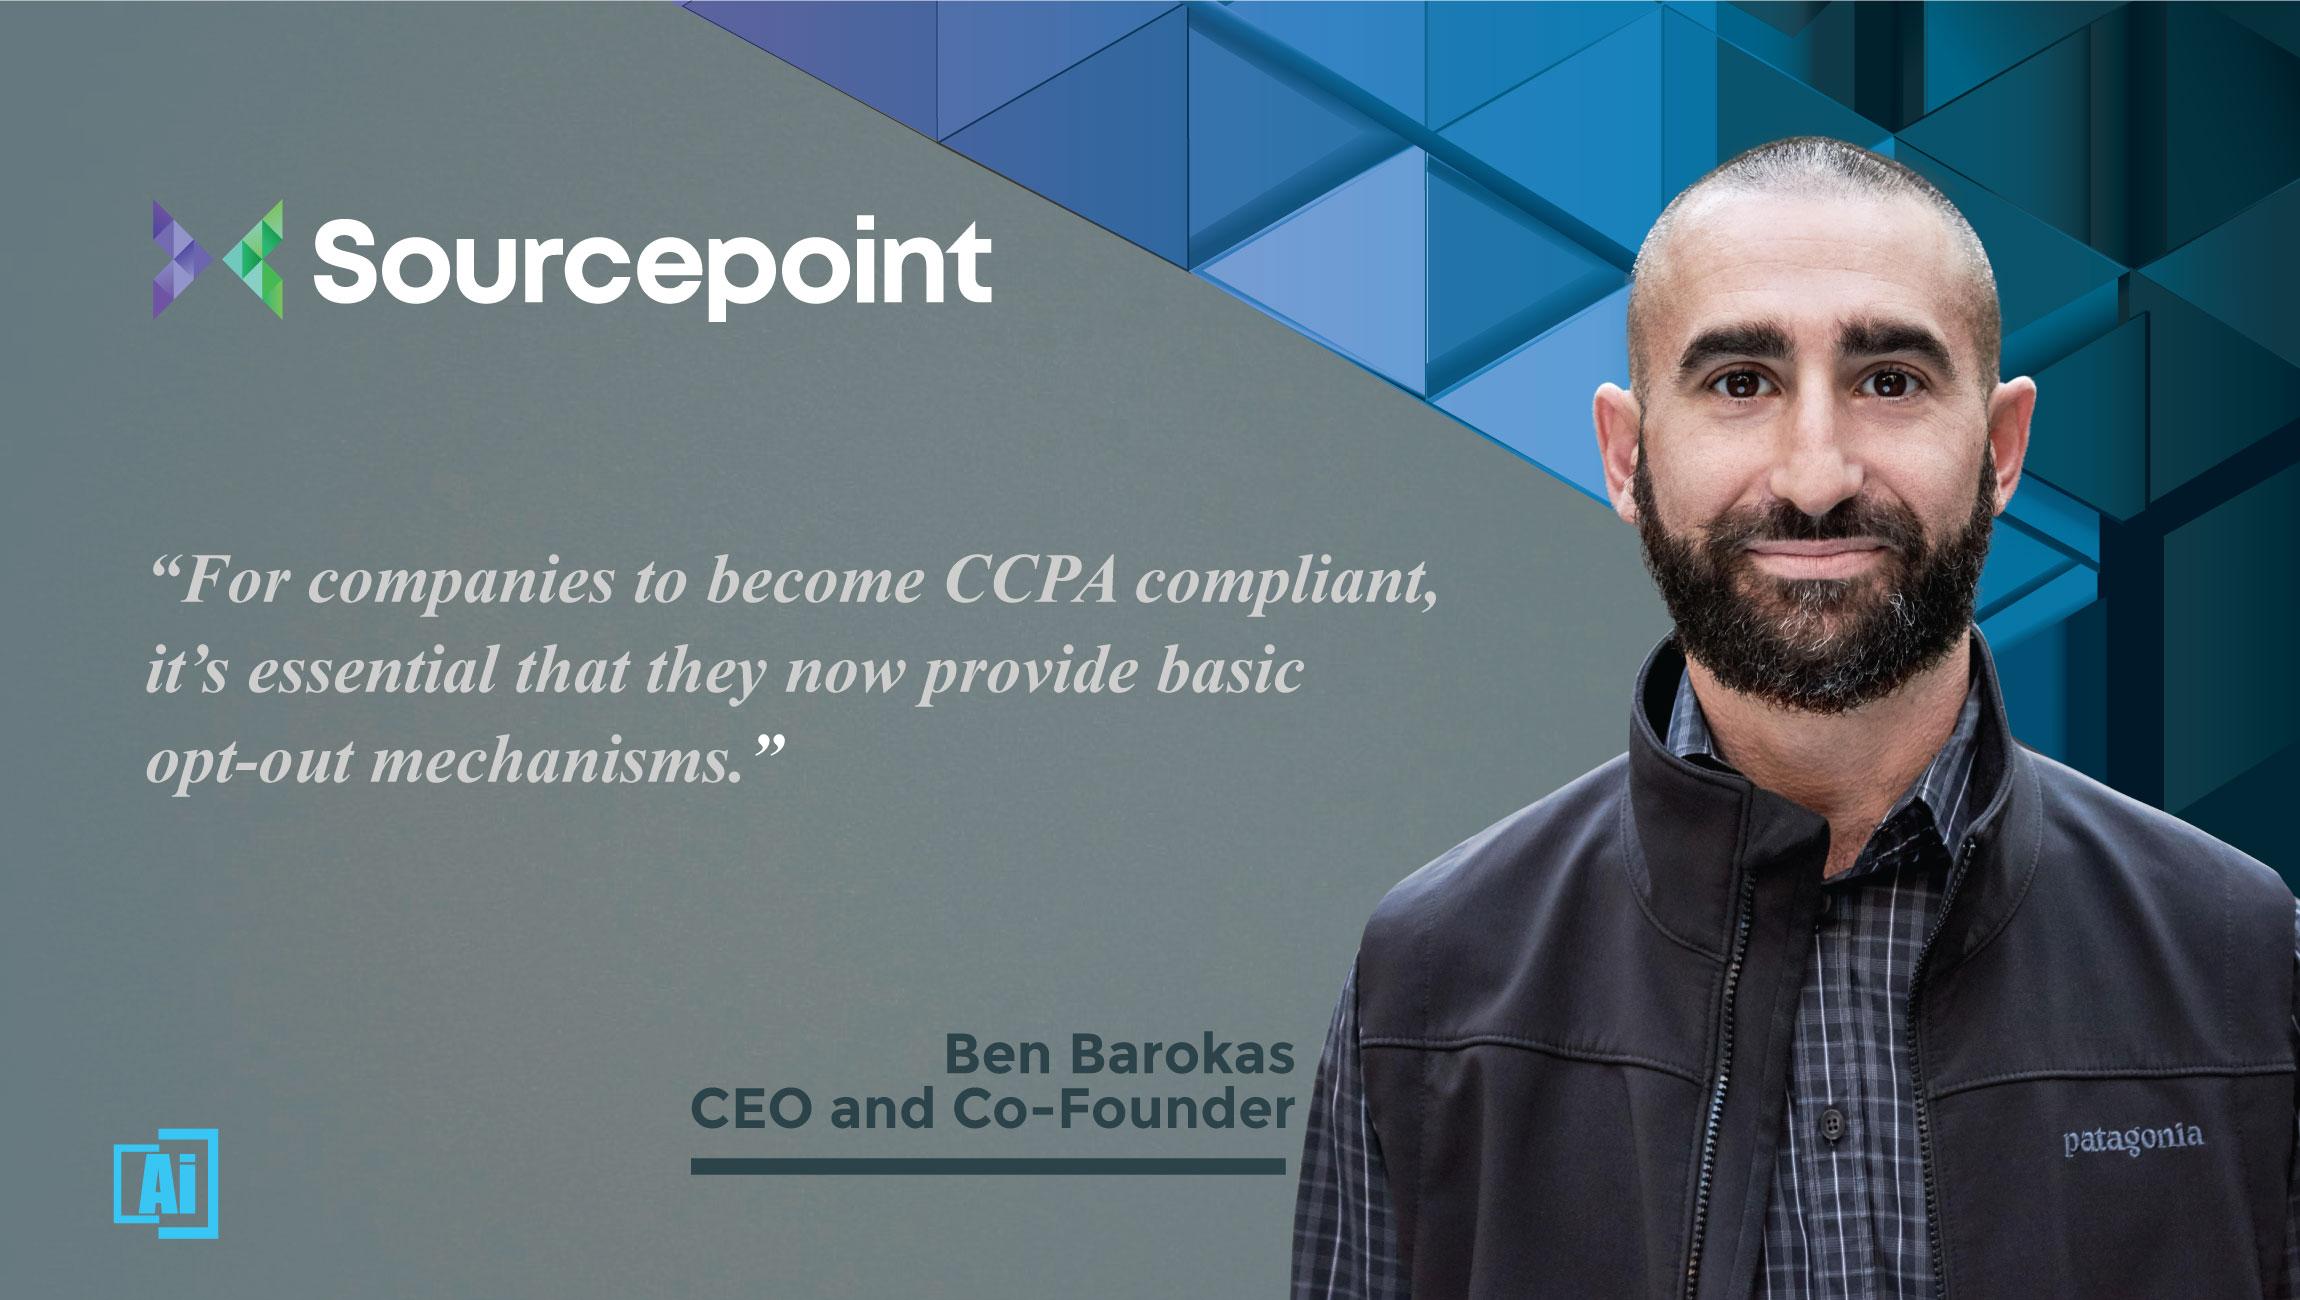 Ben Barokas